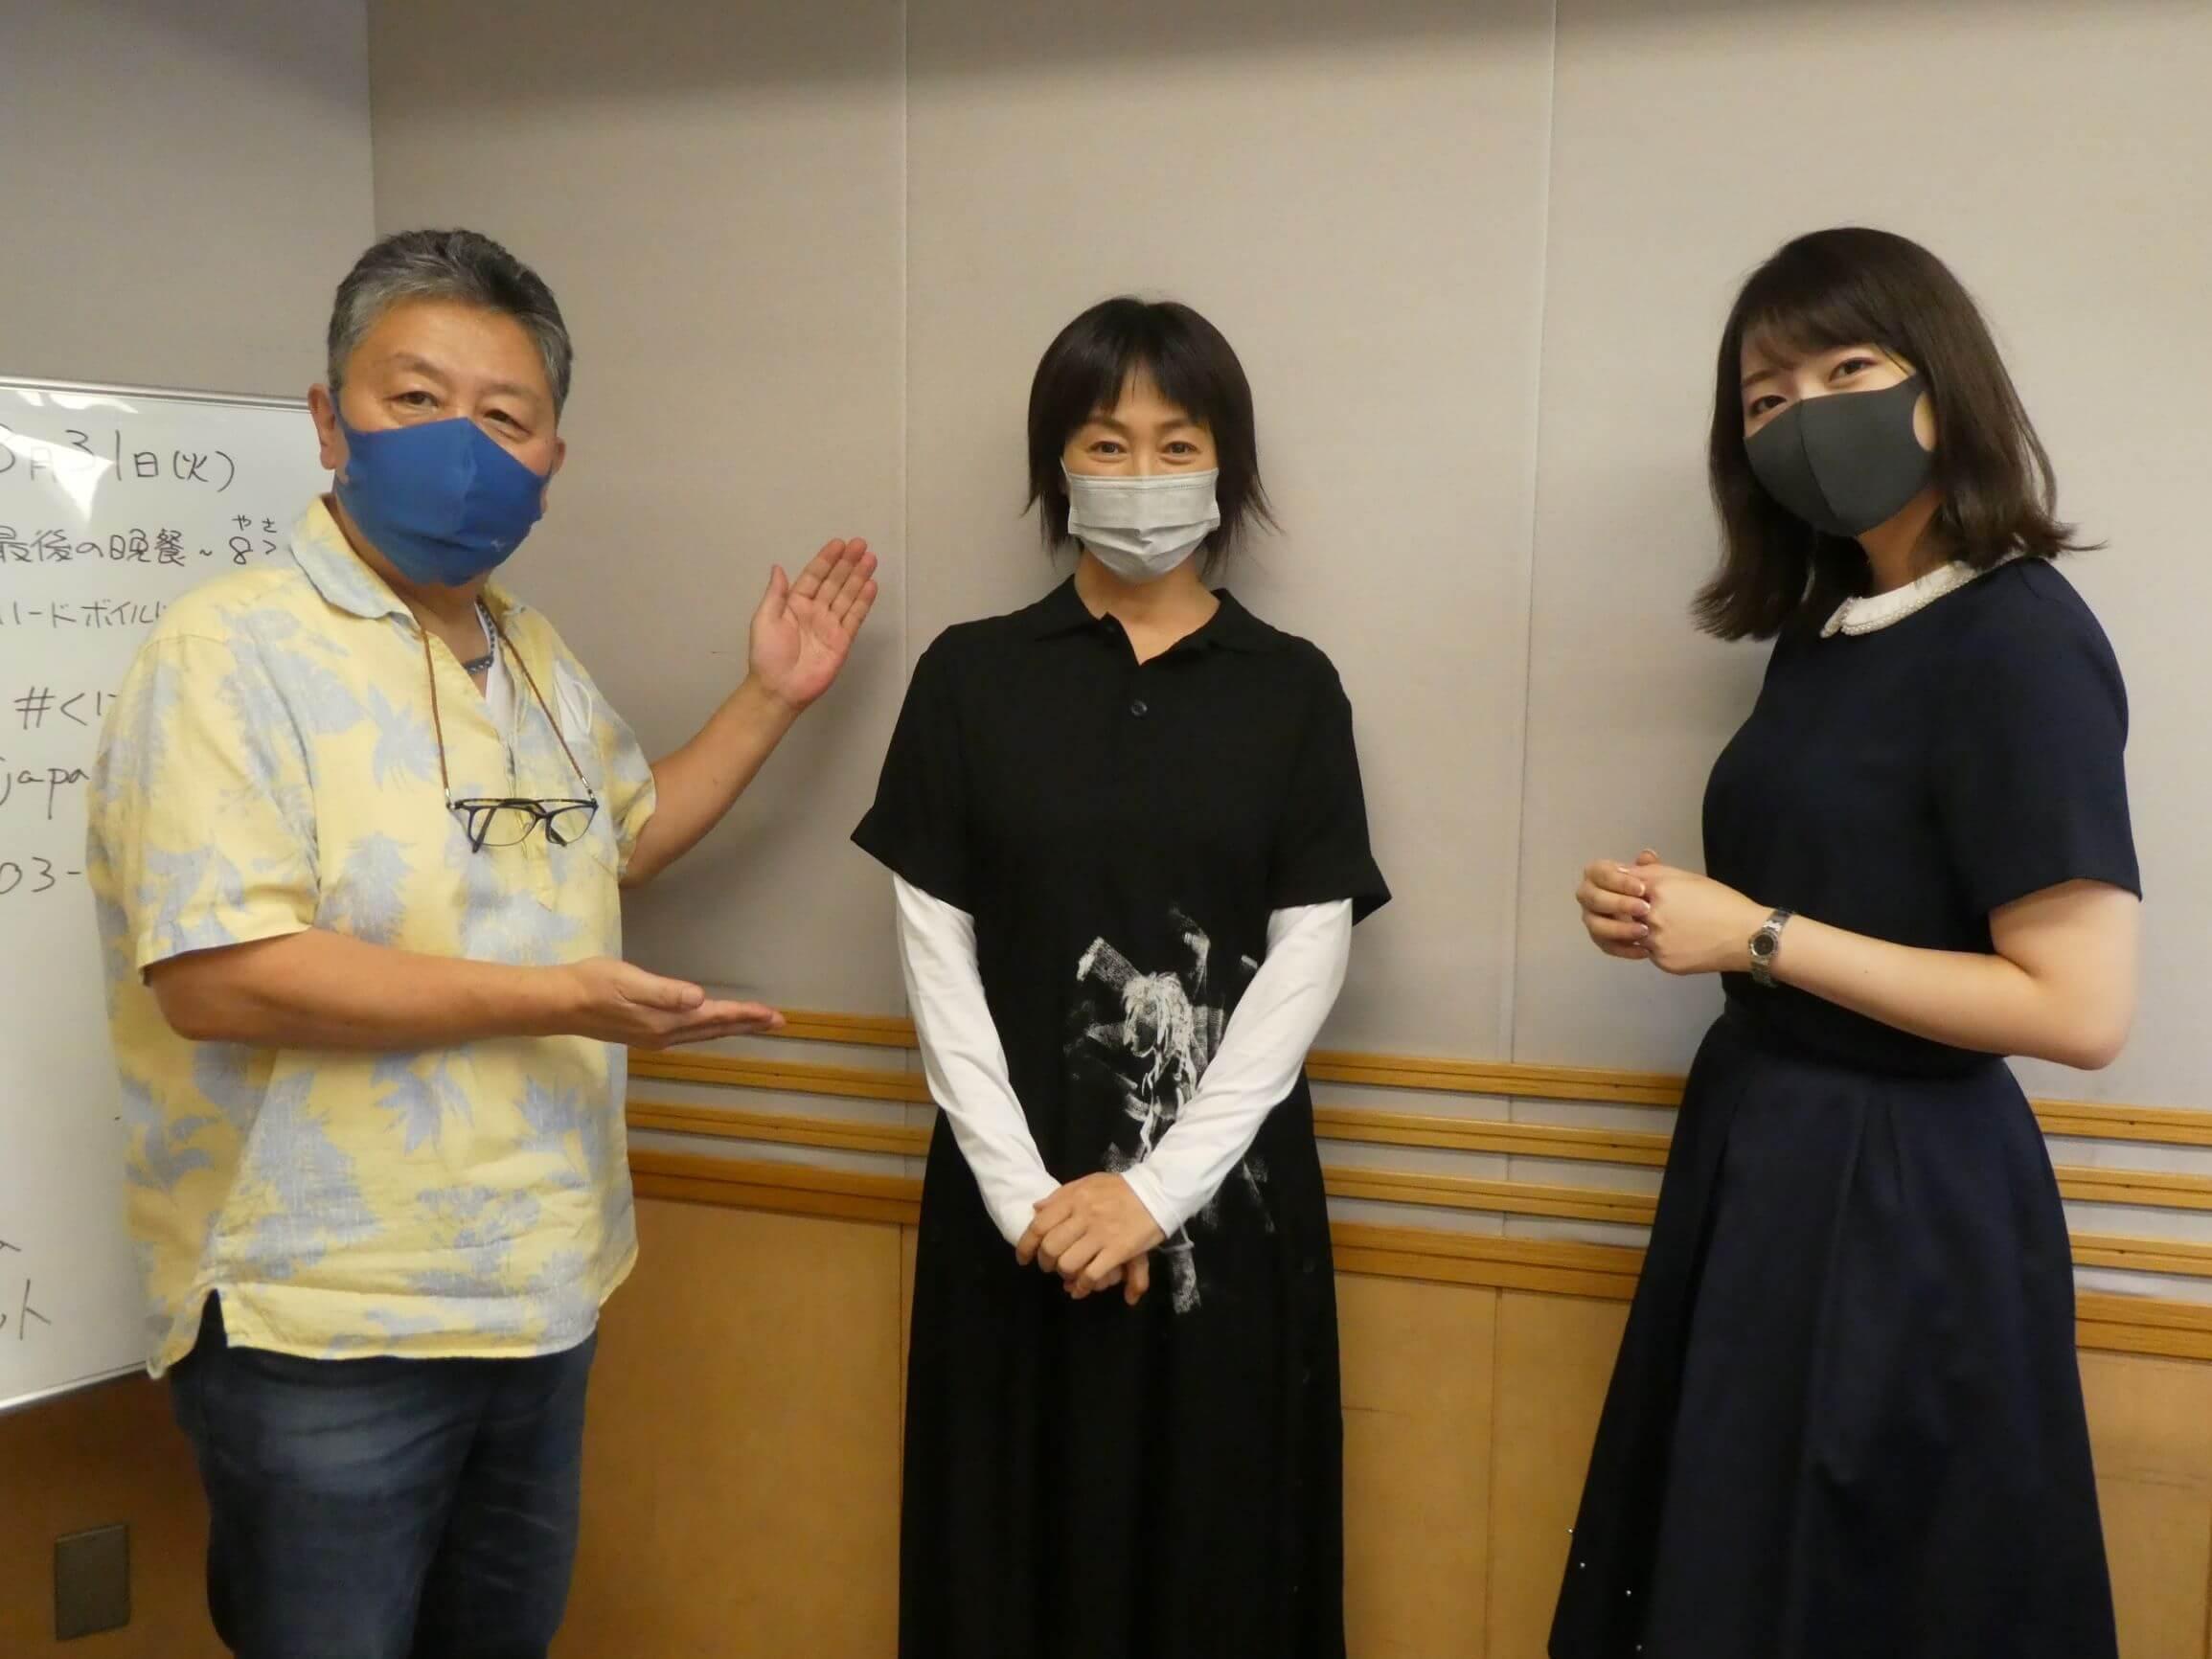 『くにまるジャパン極・極シアター』8月31日(火)のお客様:高島礼子さん